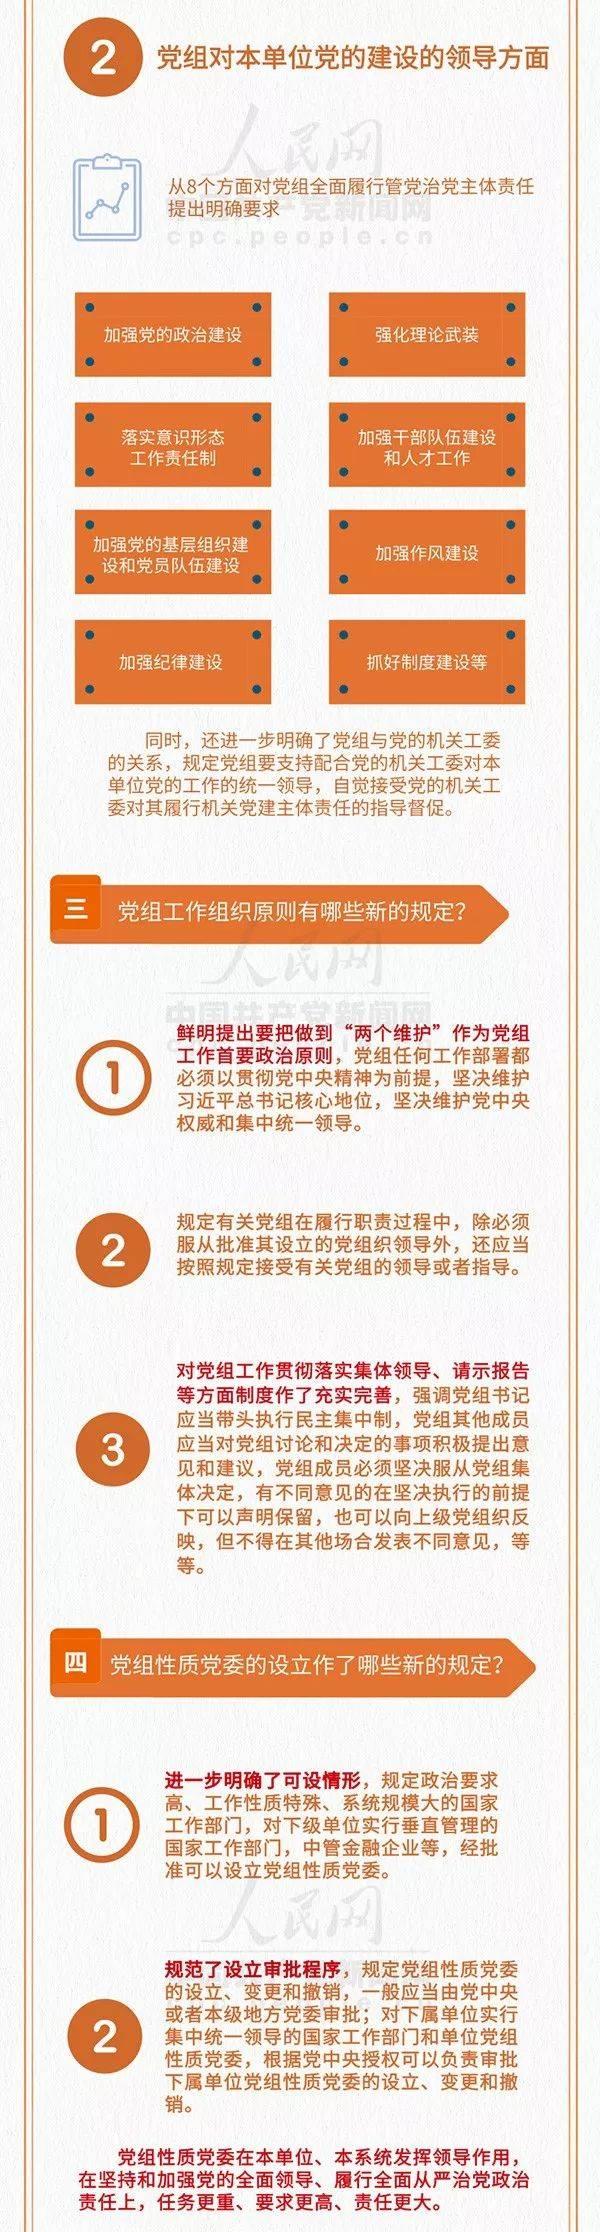 解读| 一图读懂《中国共产党党组工作条例》新规定(附